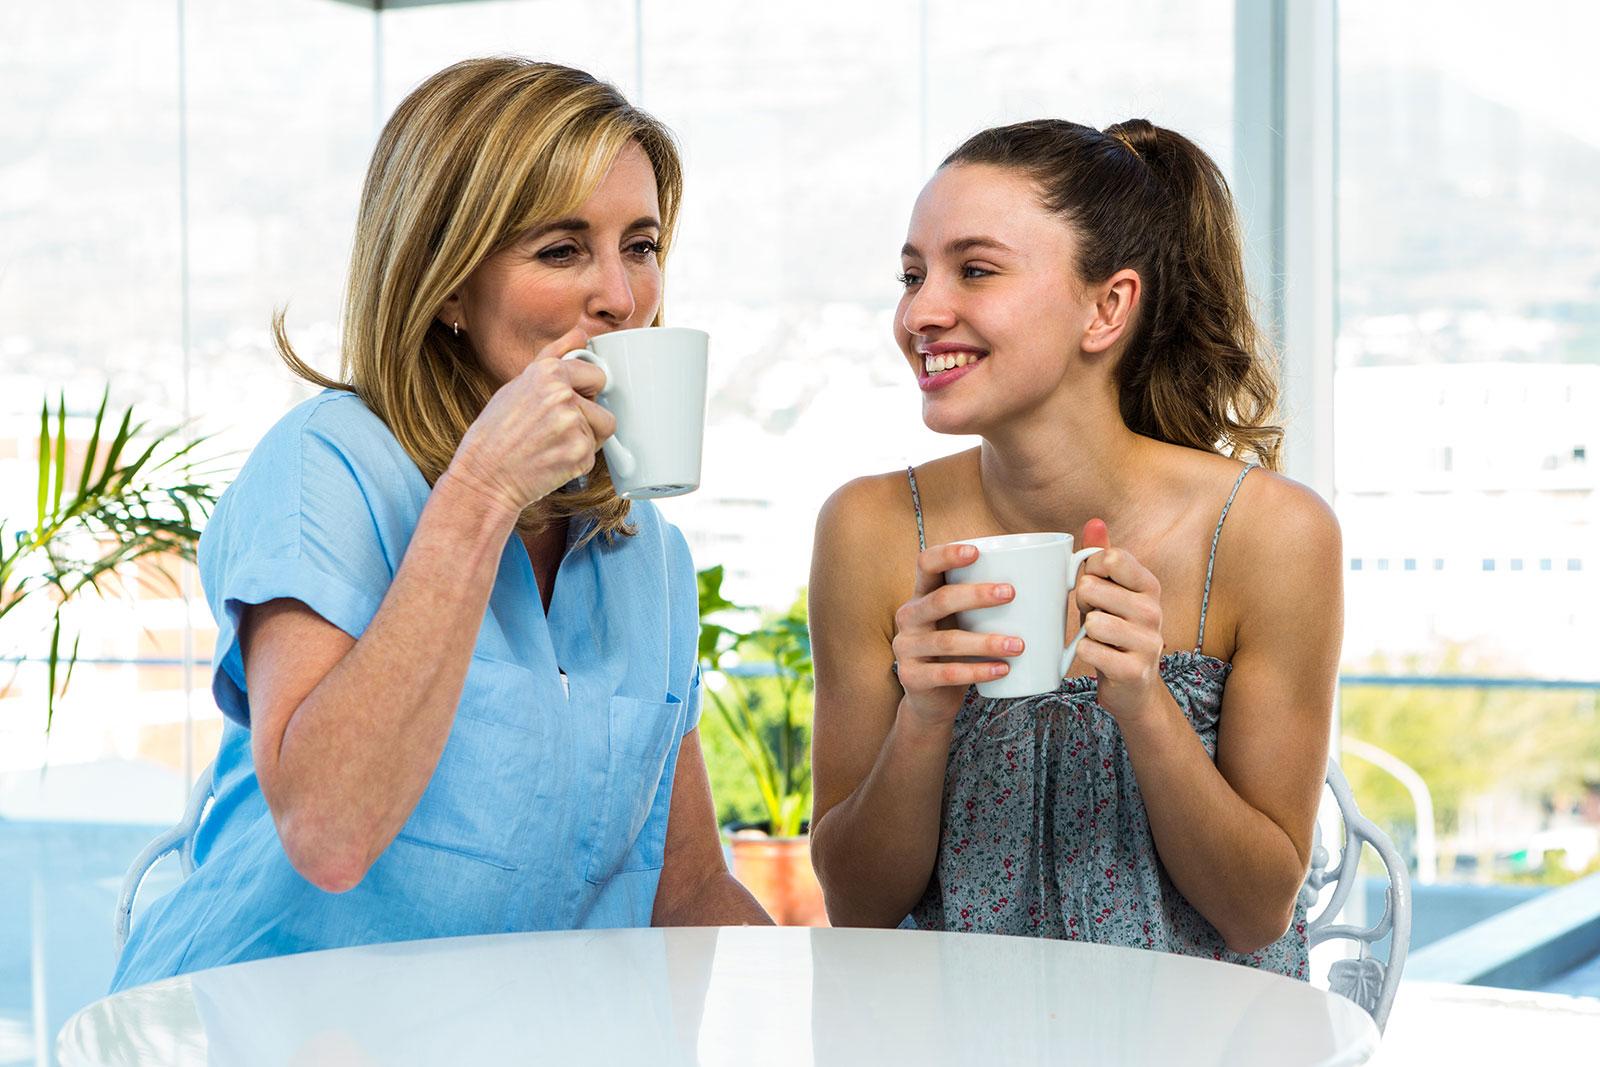 vediamoci-bene-portale-cataratta-consigli-per-famigliari